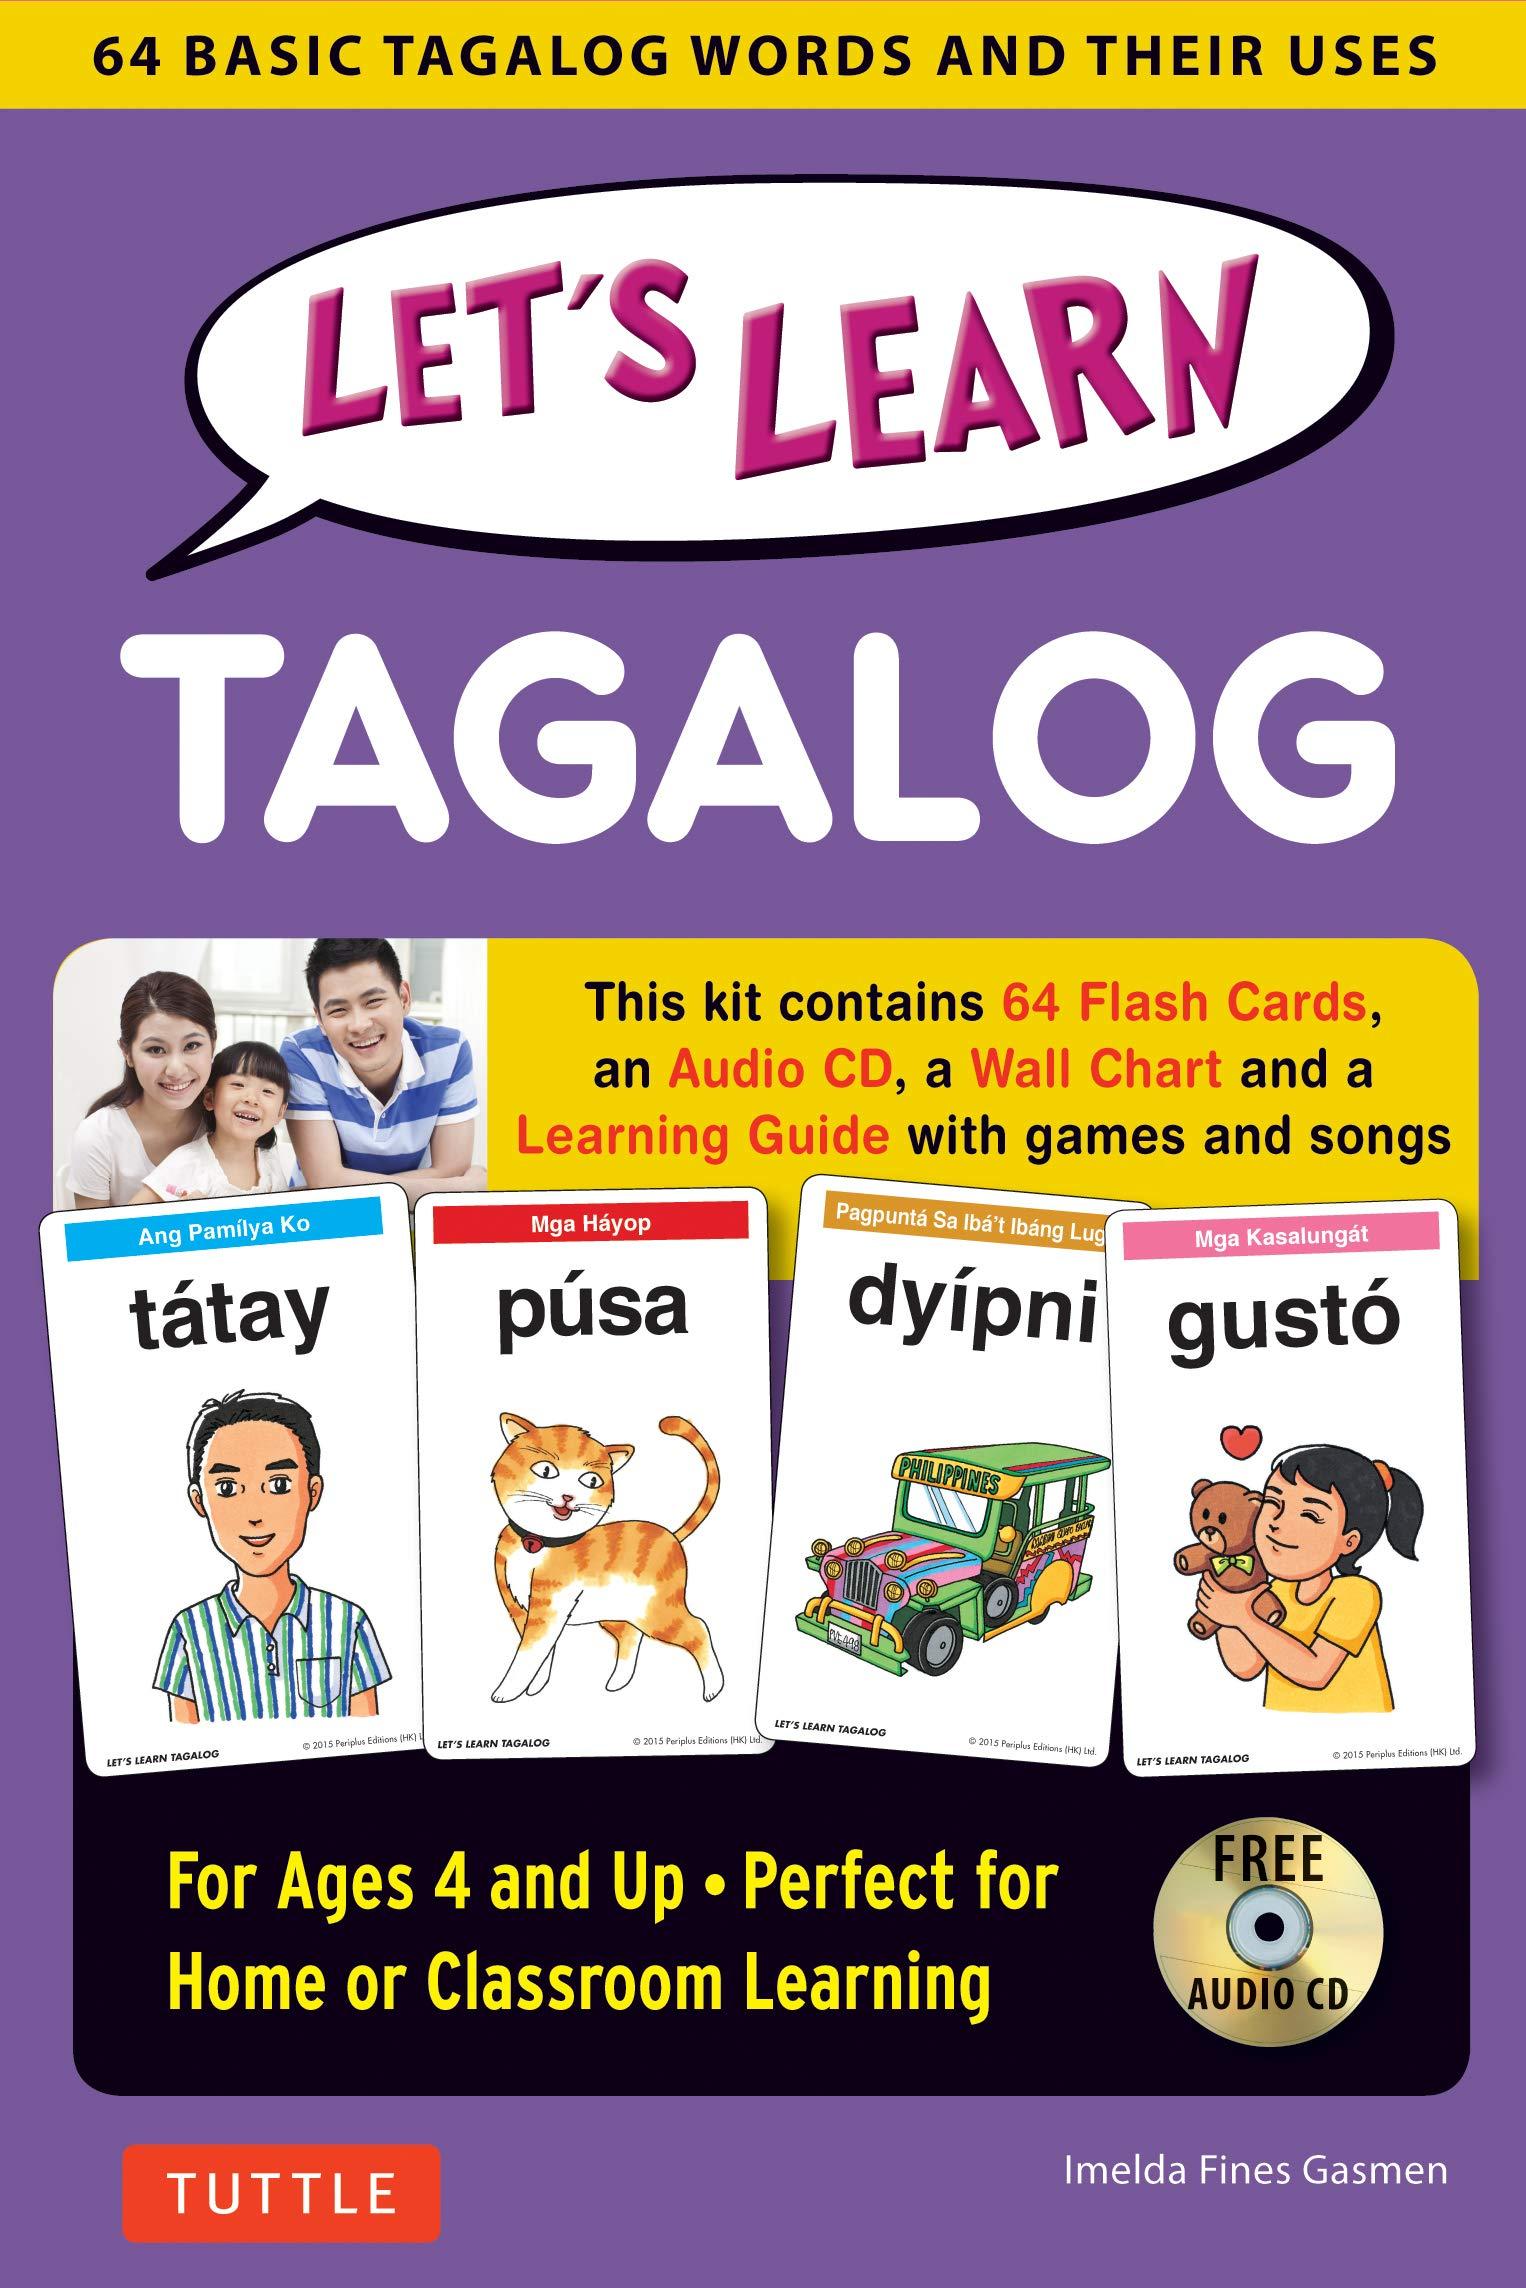 Read tagalog words using basic filipino syllables guide. | tagalog.